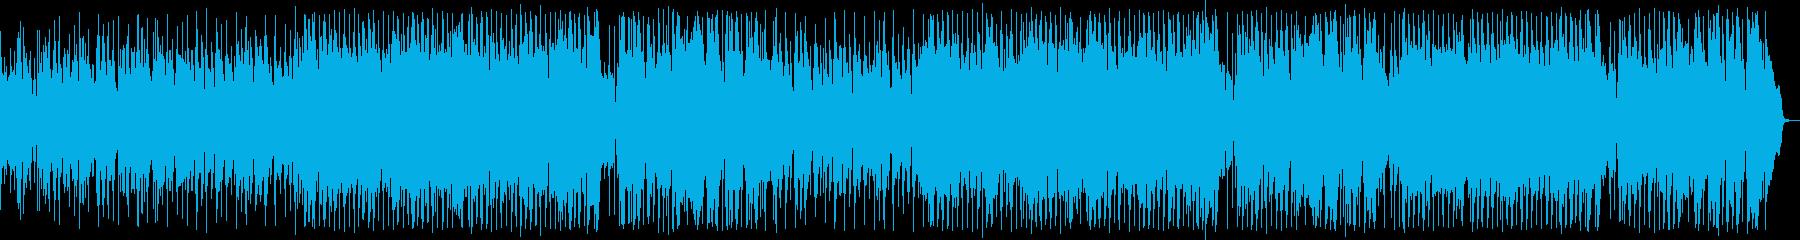 王道バラード(女心を星空に乗せて)の再生済みの波形